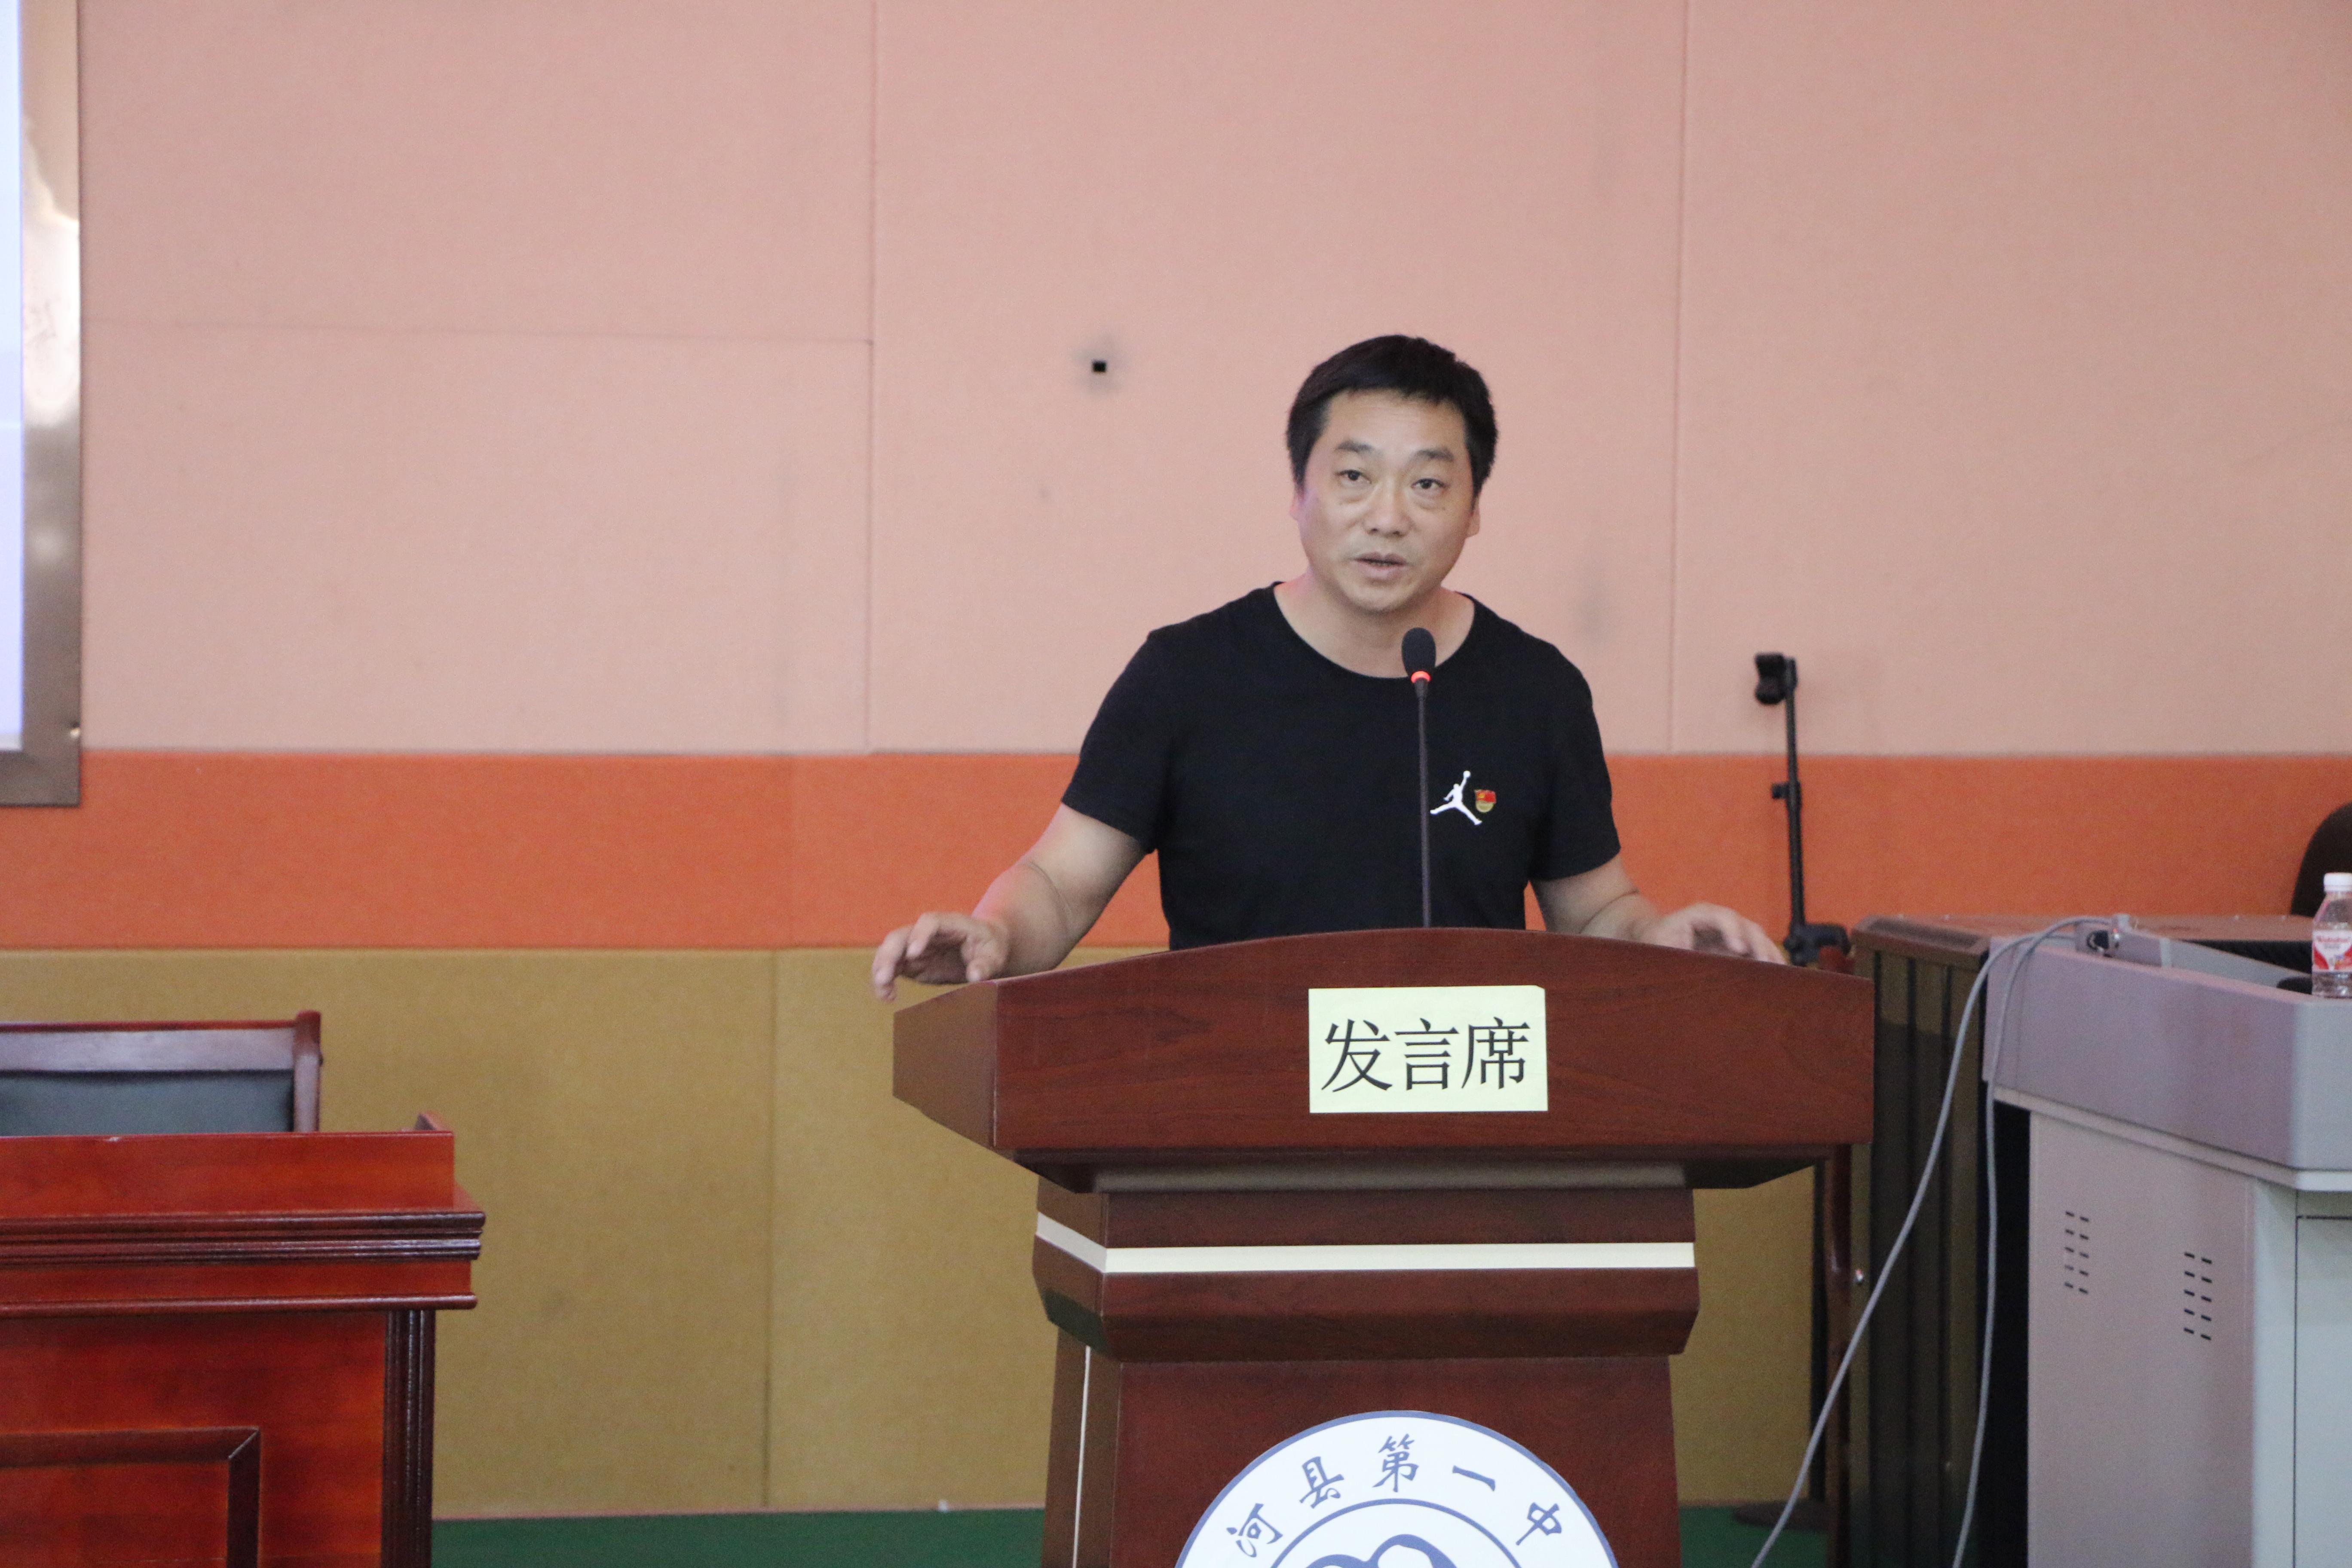 2020年梁河县第一中学第九期教师大讲堂 如何构建良好的师生关系